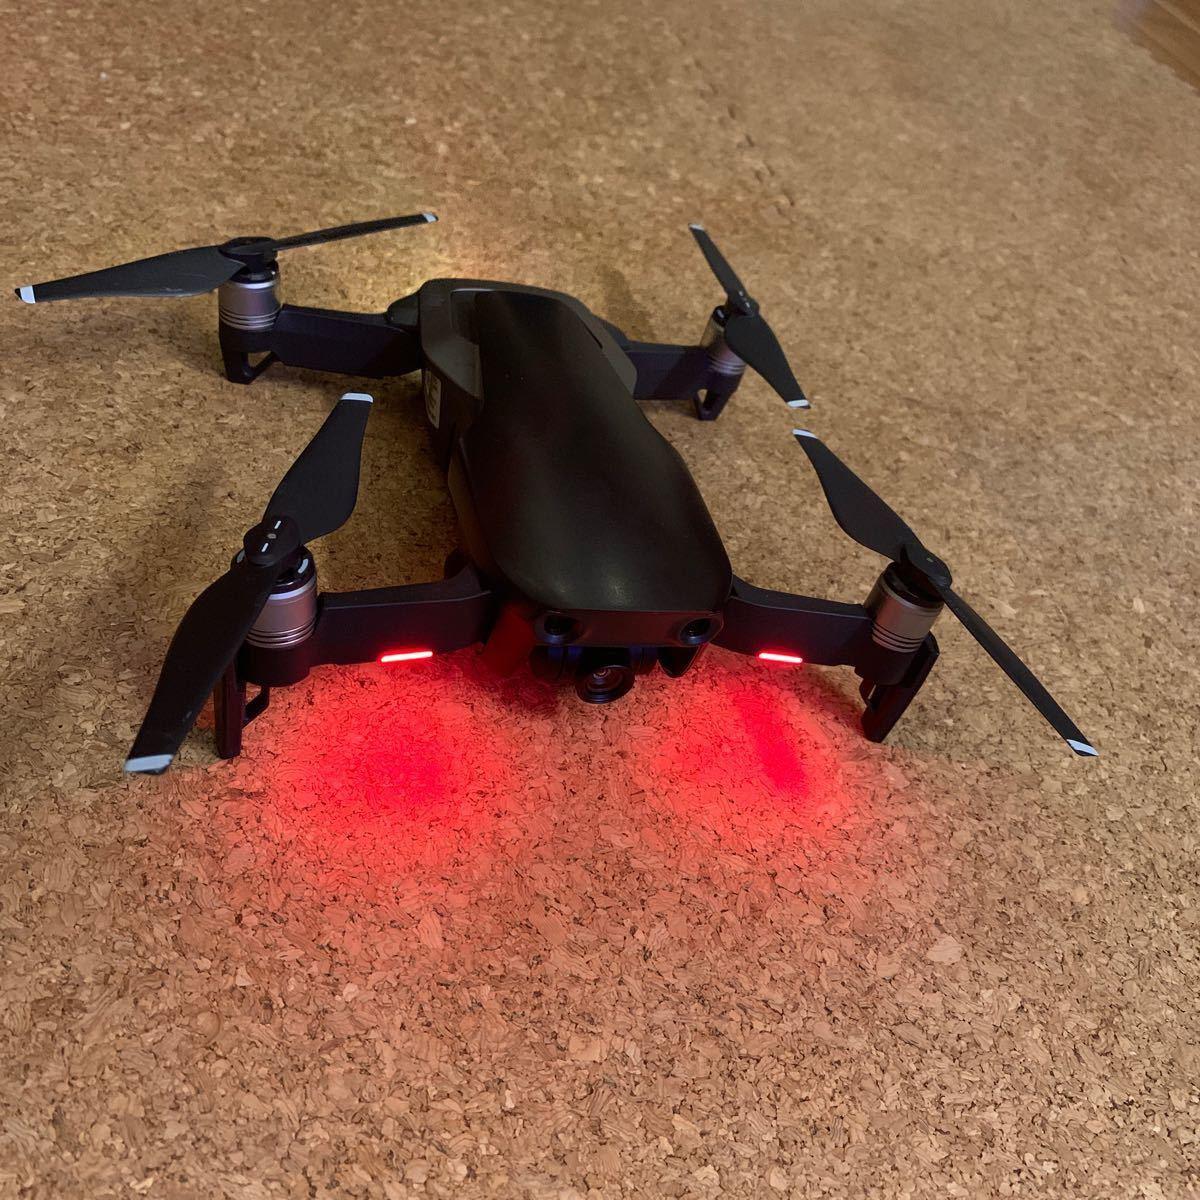 mavic air fly more combo pgytech ハードケース付き